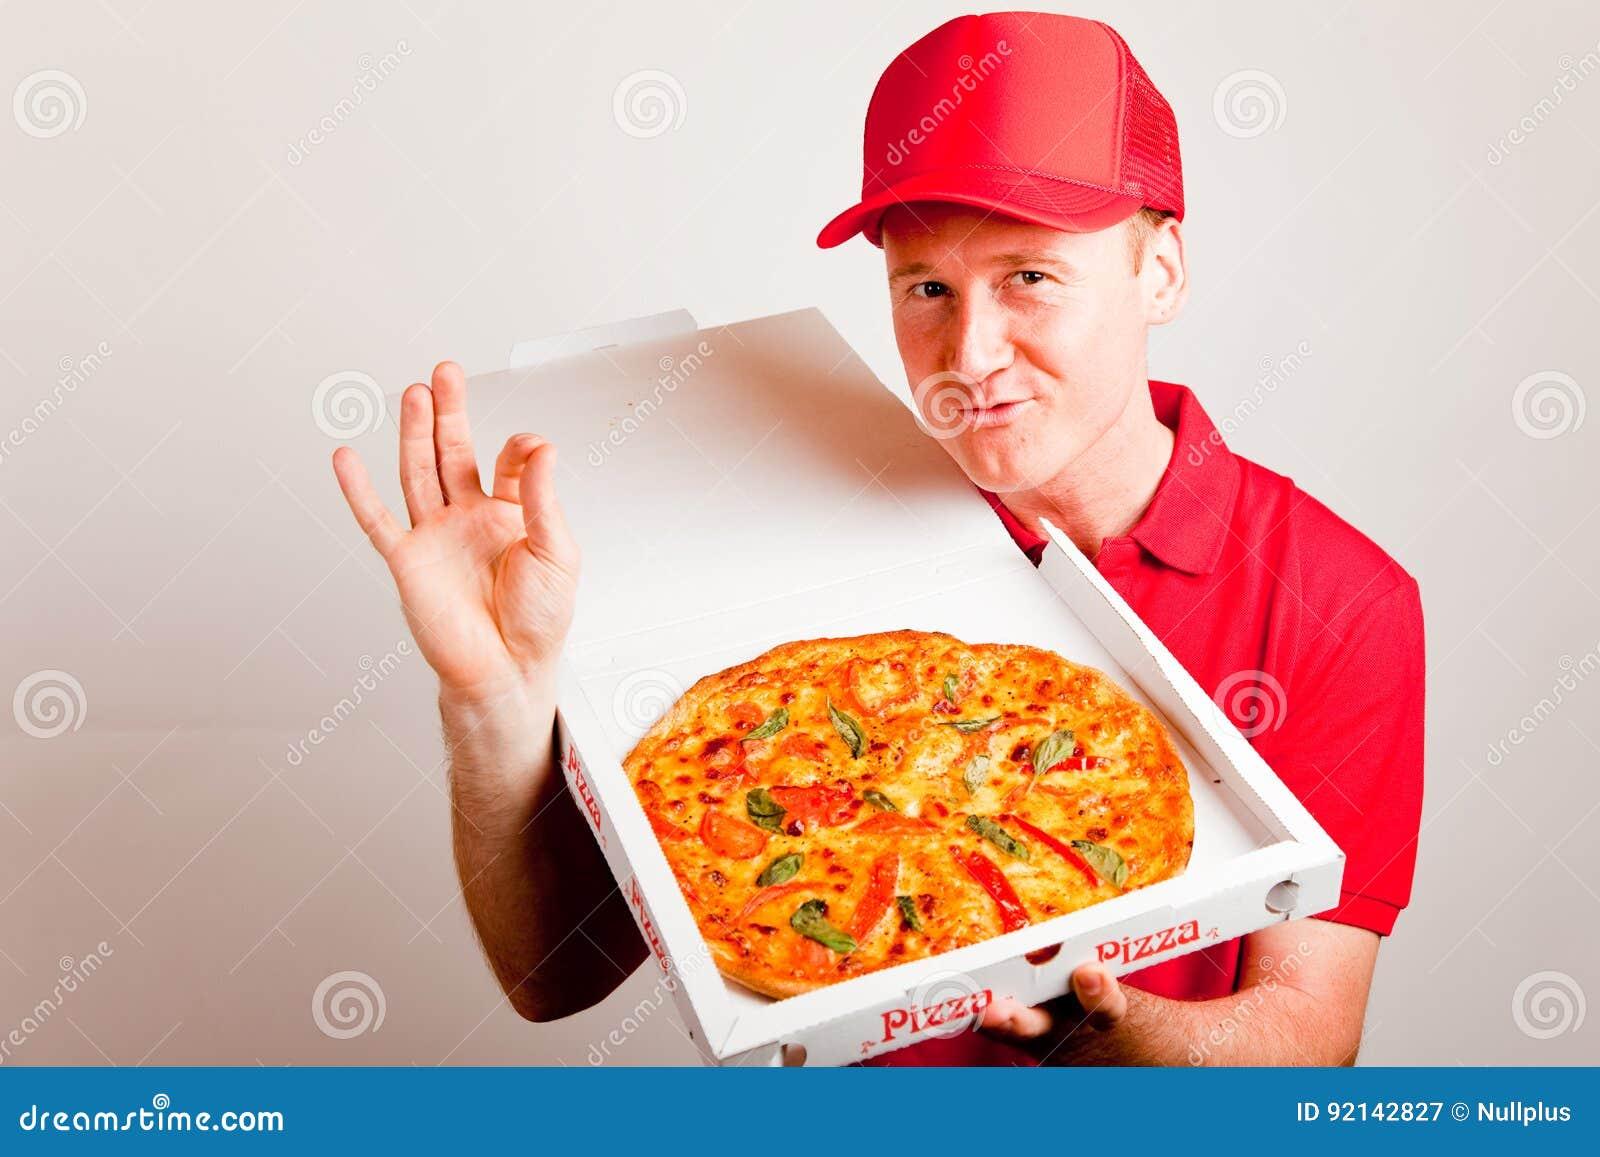 Pizzaboy bonn